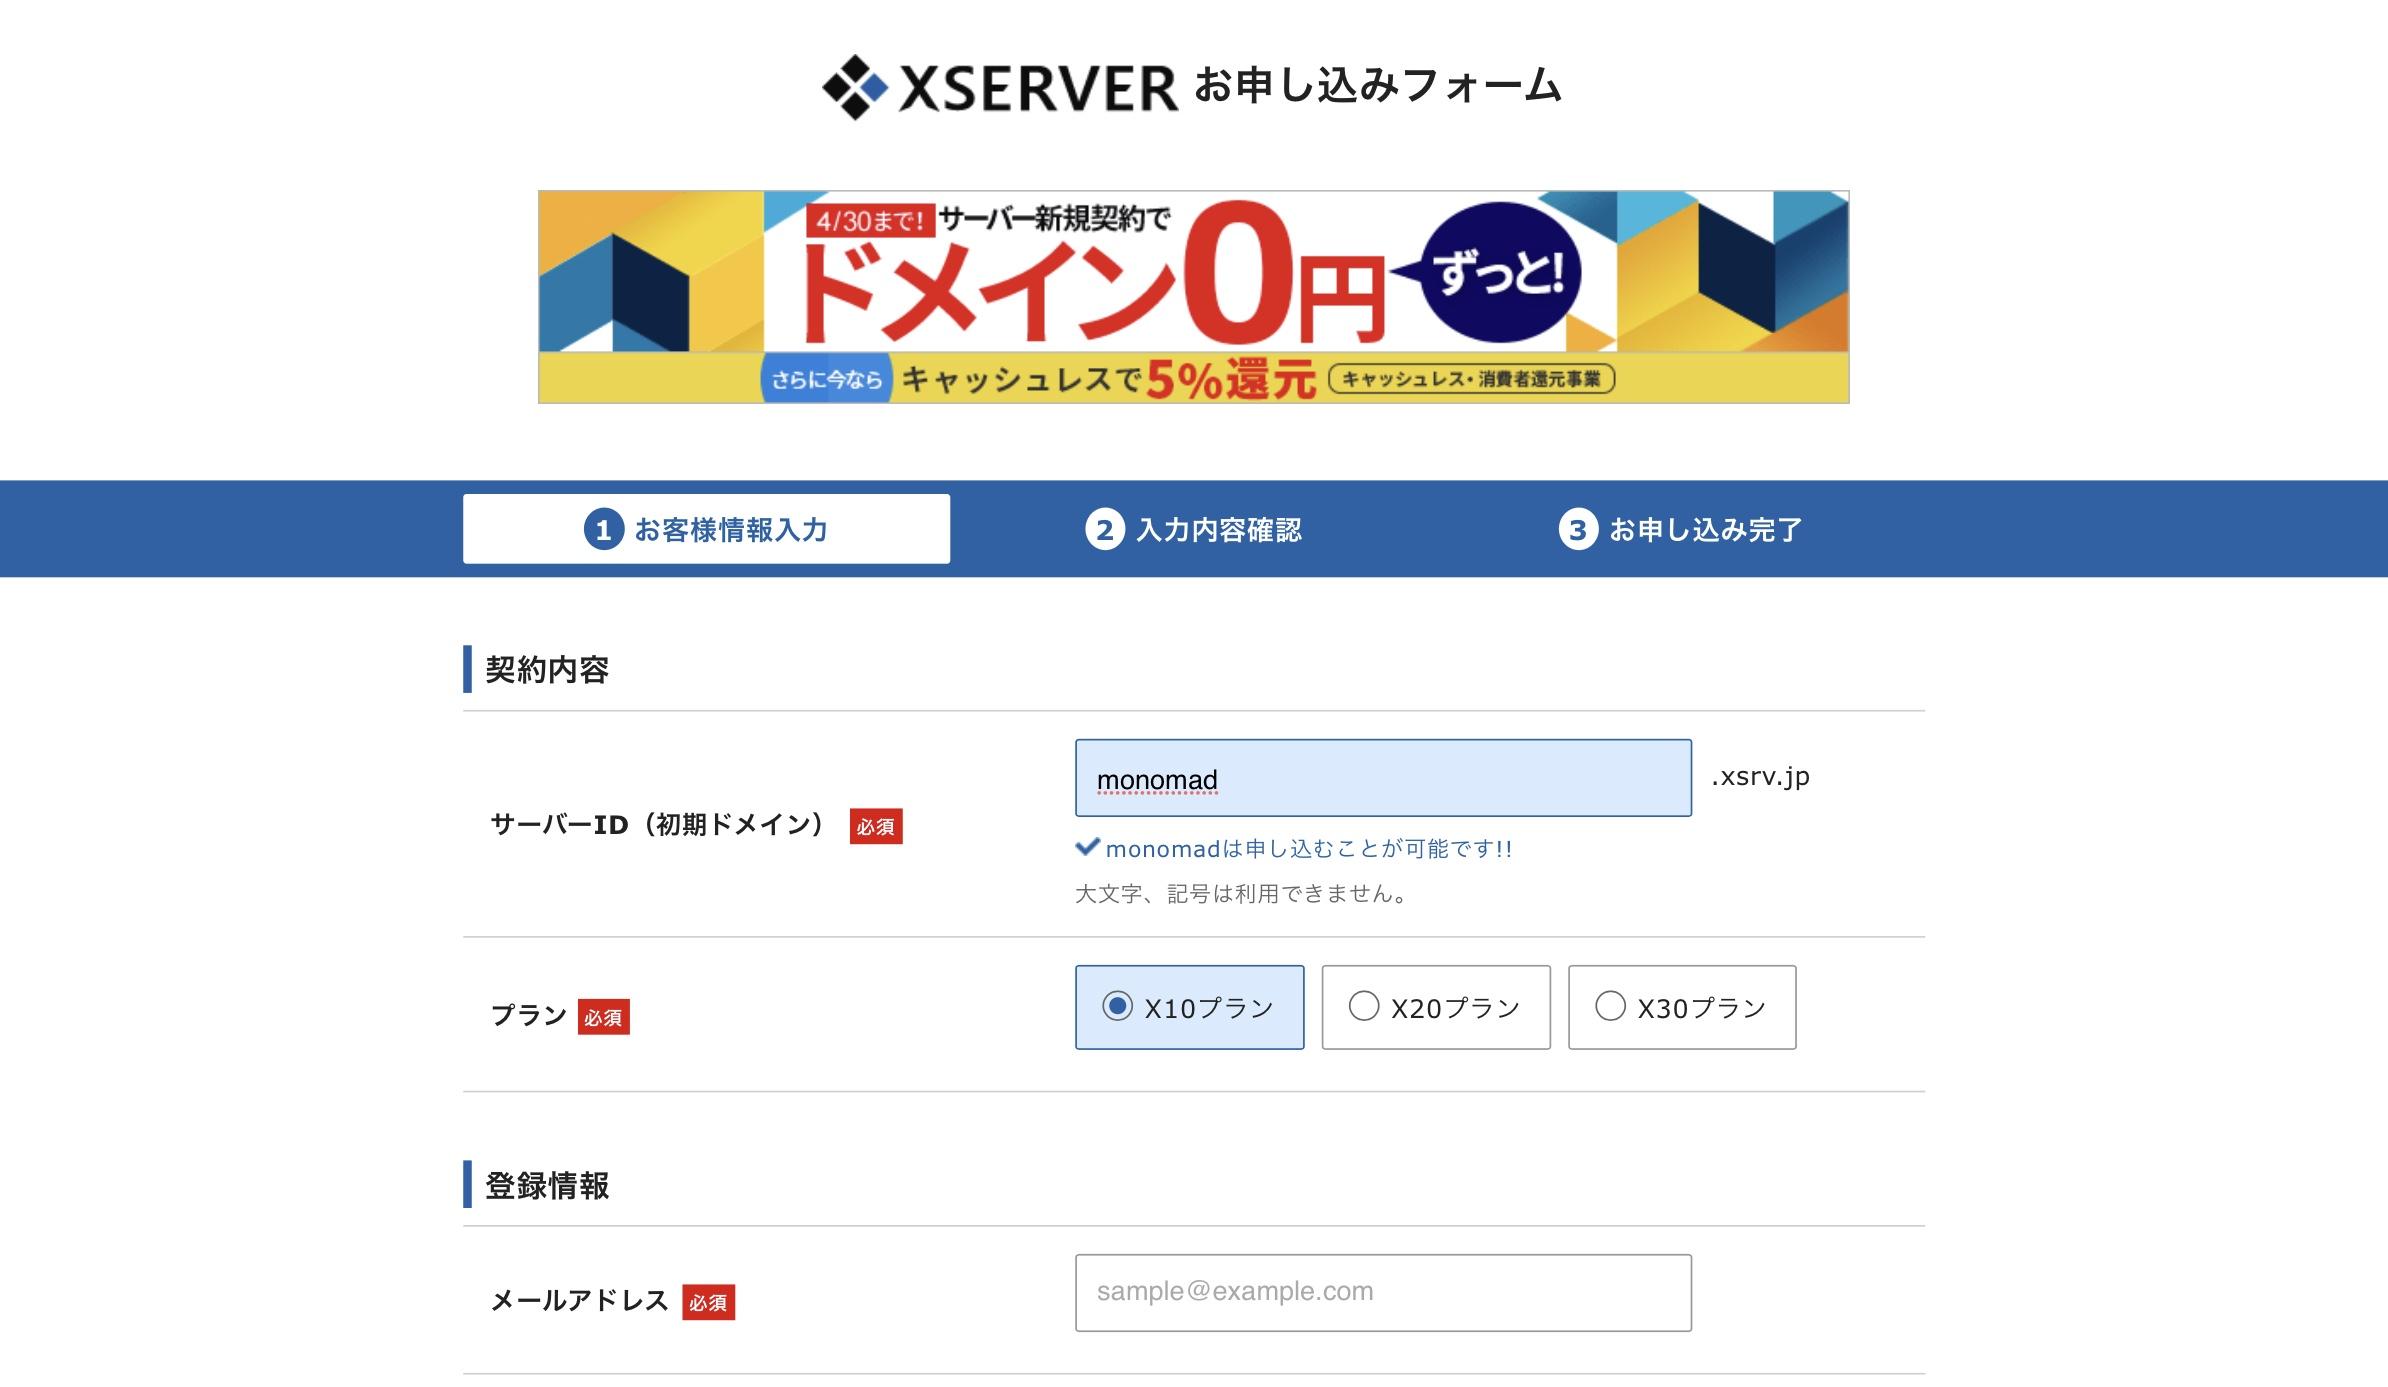 エックスサーバー 申し込みフォーム